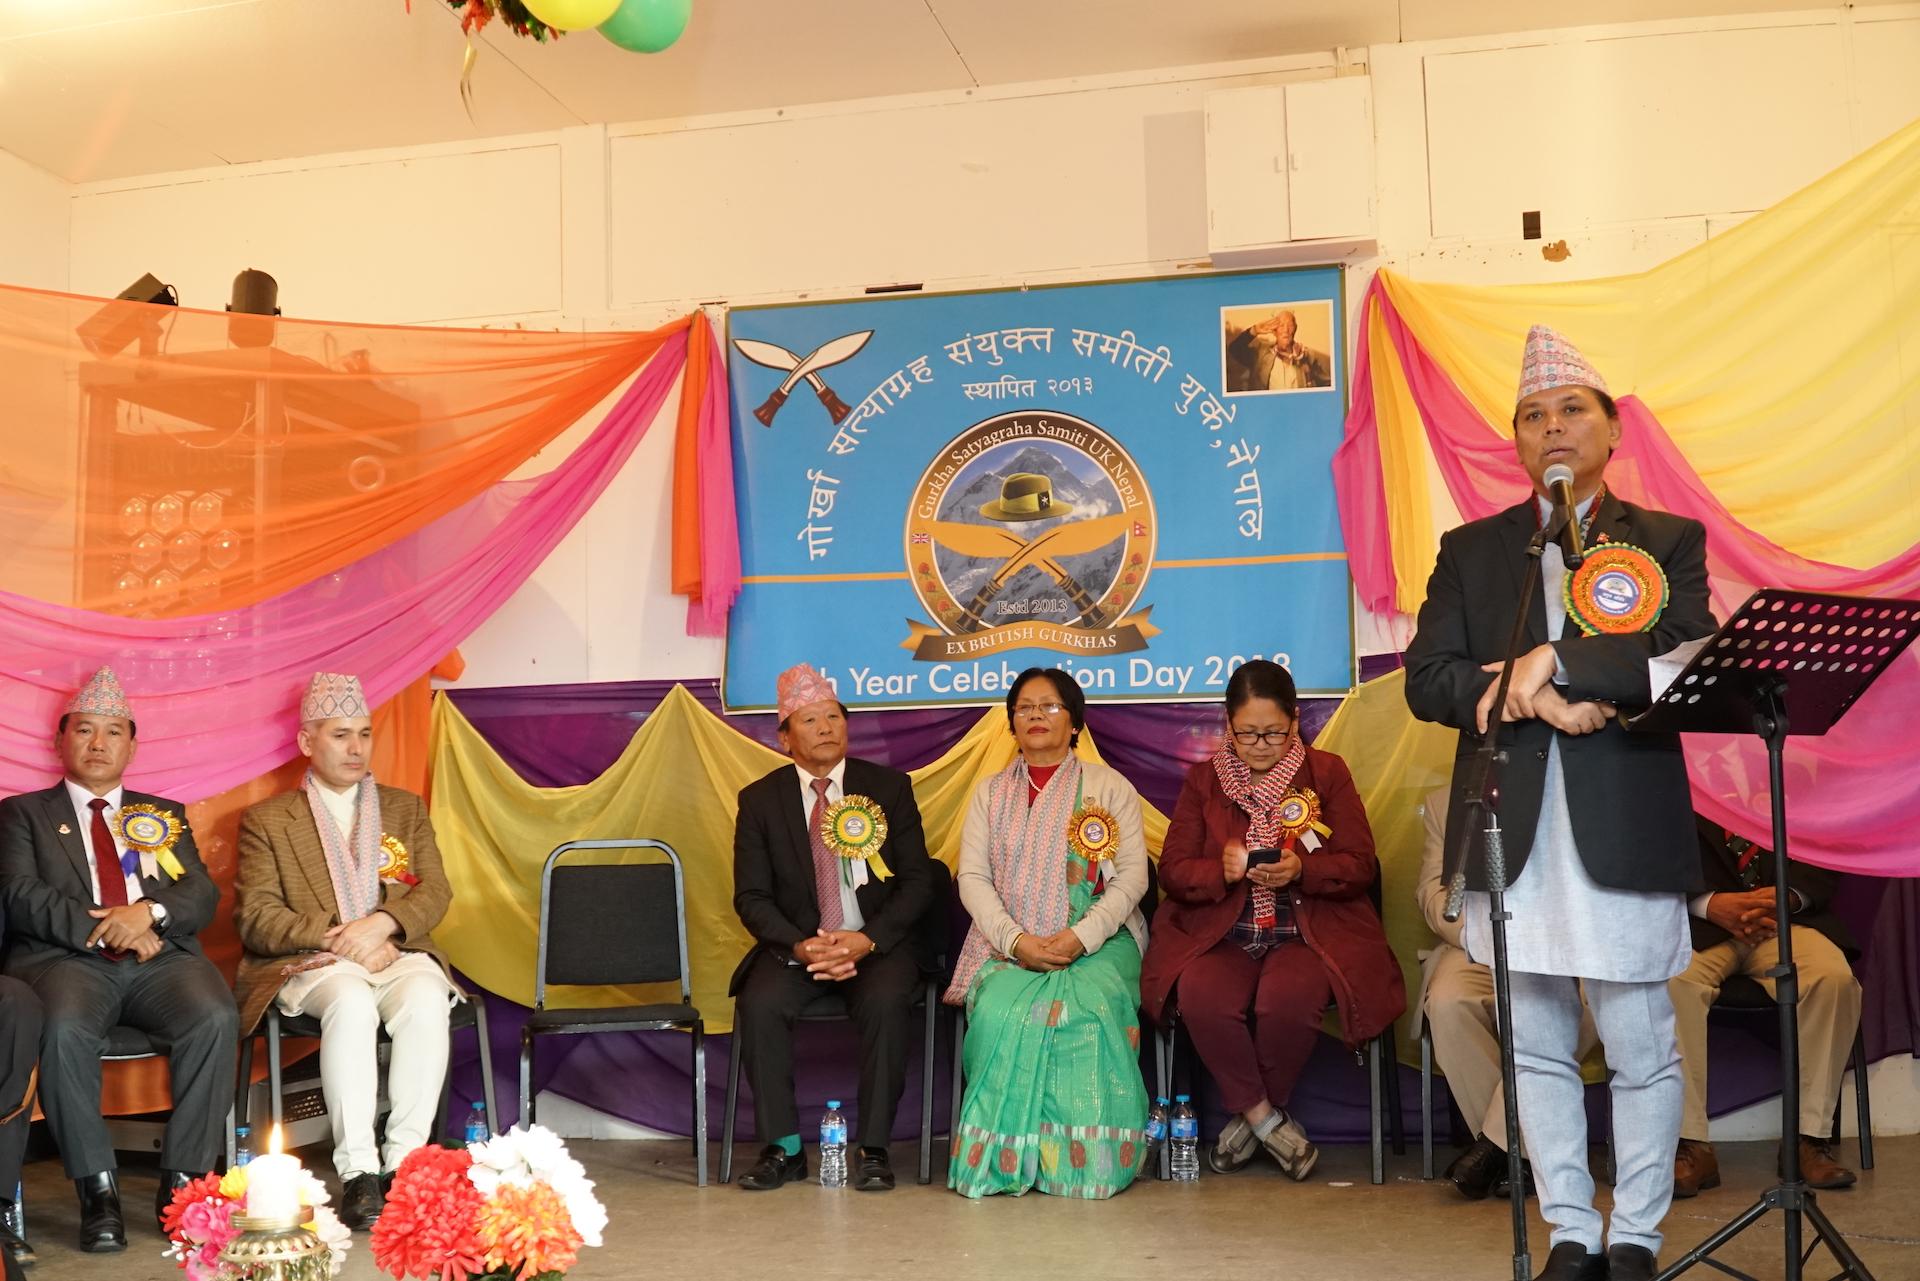 नेपाली राजदूतद्वारा आन्दोलन नगर्न भूपू गोर्खालाई अनुरोध